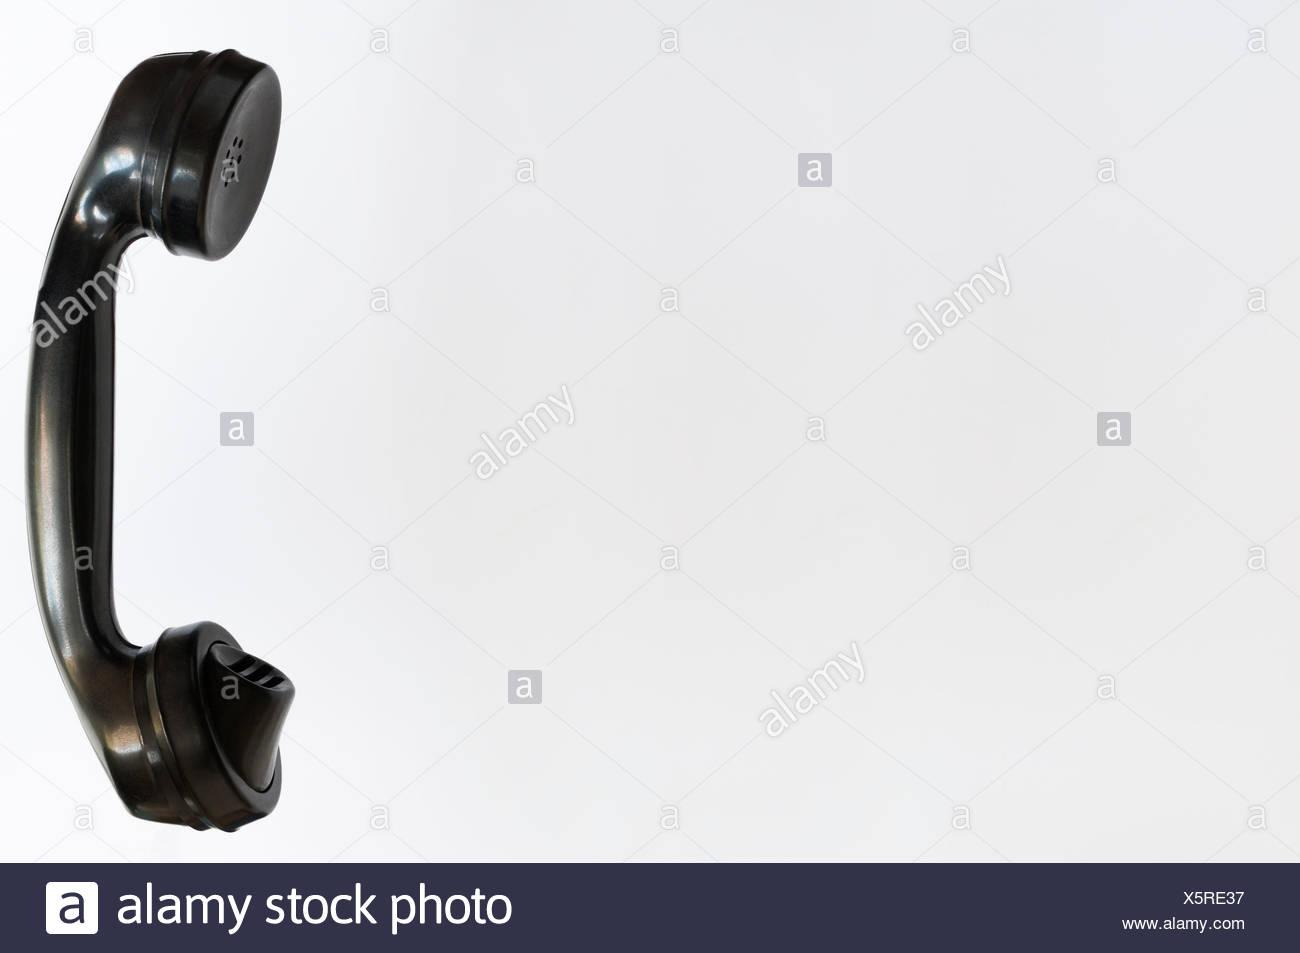 Alter schwarzer Telefonhoerer vor weissem Hintergrund. - Stock Image